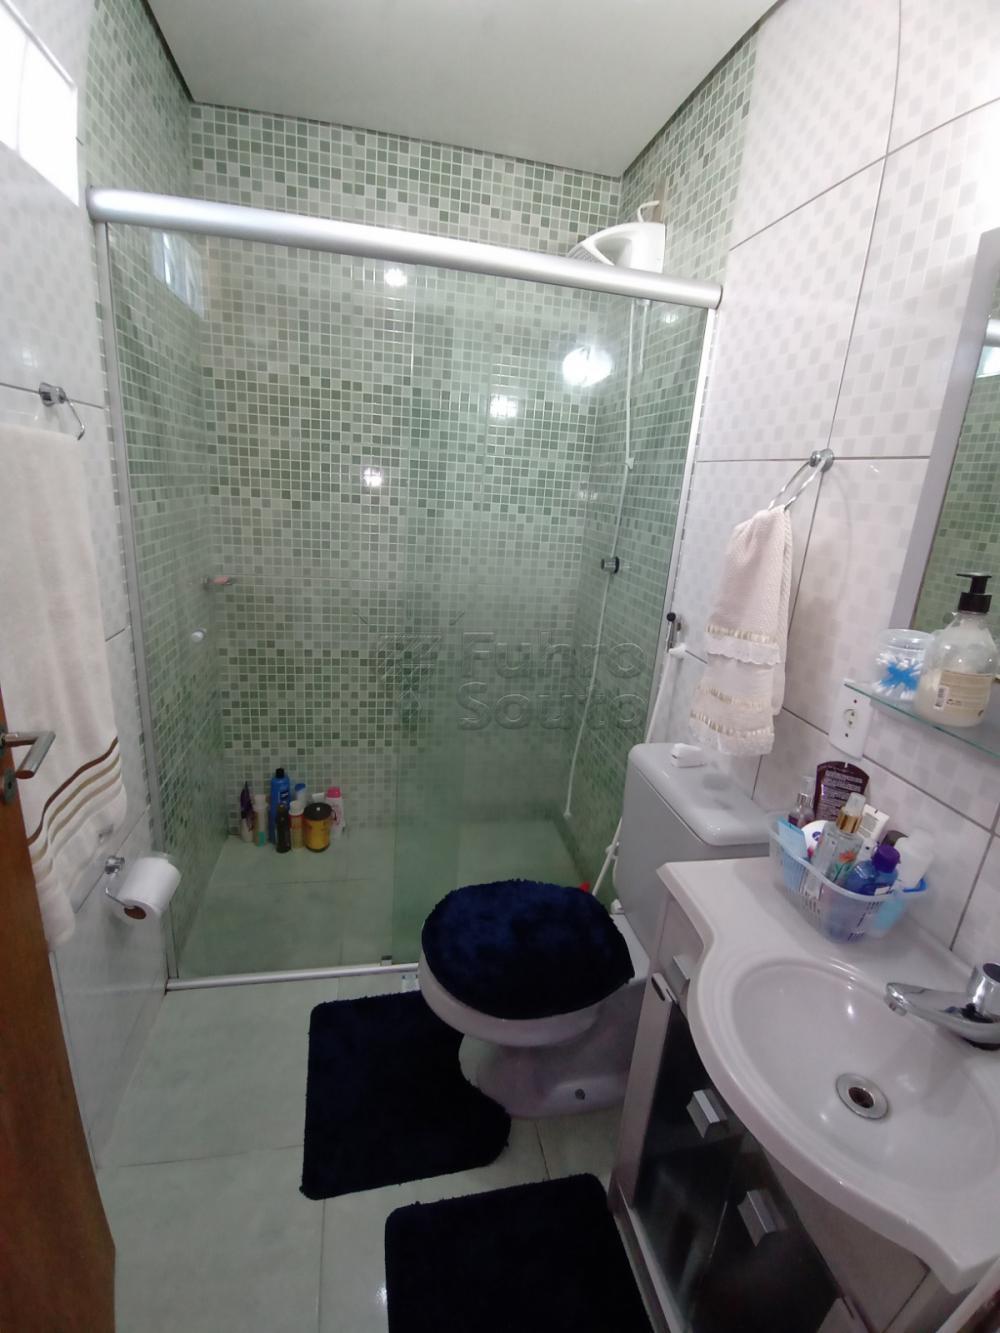 Excelente apartamento no Centro, Residencial Vitória Park na Rua Santa Tecla. Três dormitórios sendo uma suíte e vaga de garagem coberta. Ficam móveis planejados, assim como dois ar condicionado.